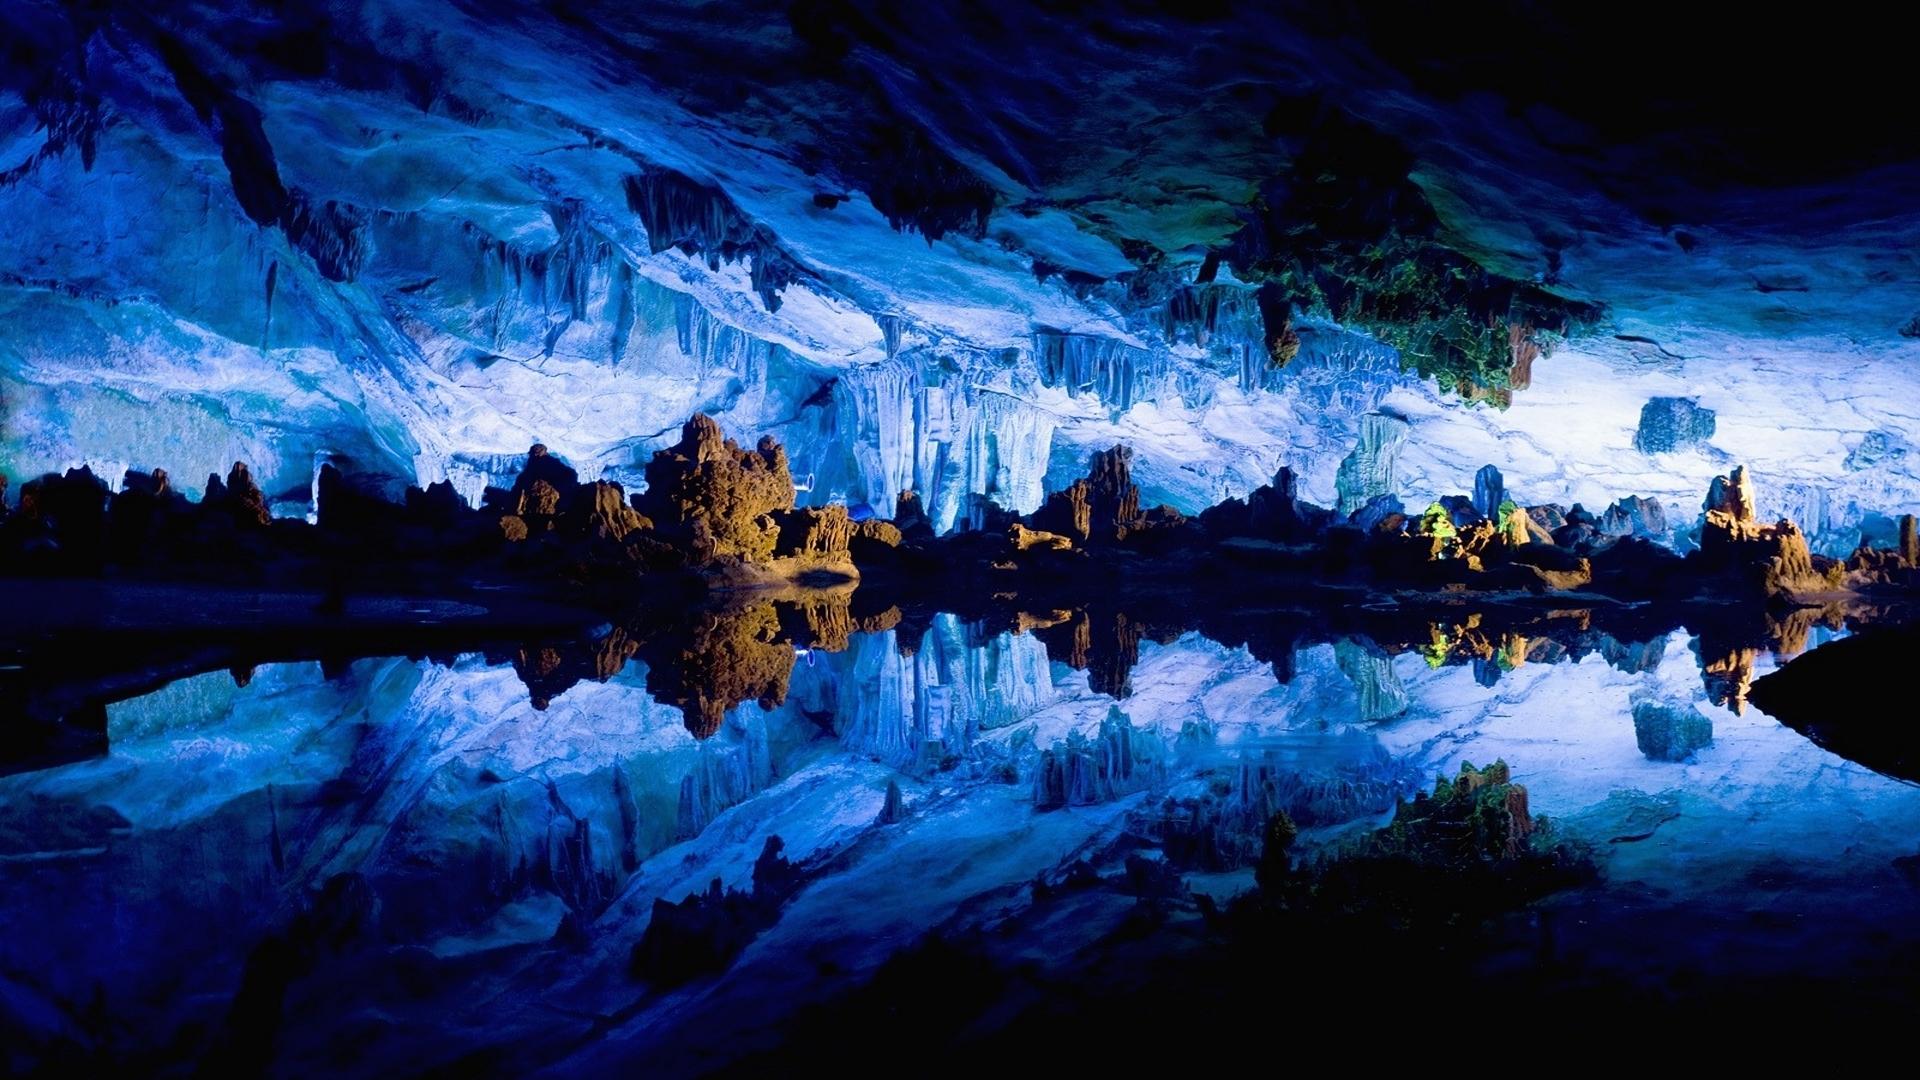 Cave Wallpaper · Cave Wallpaper ...